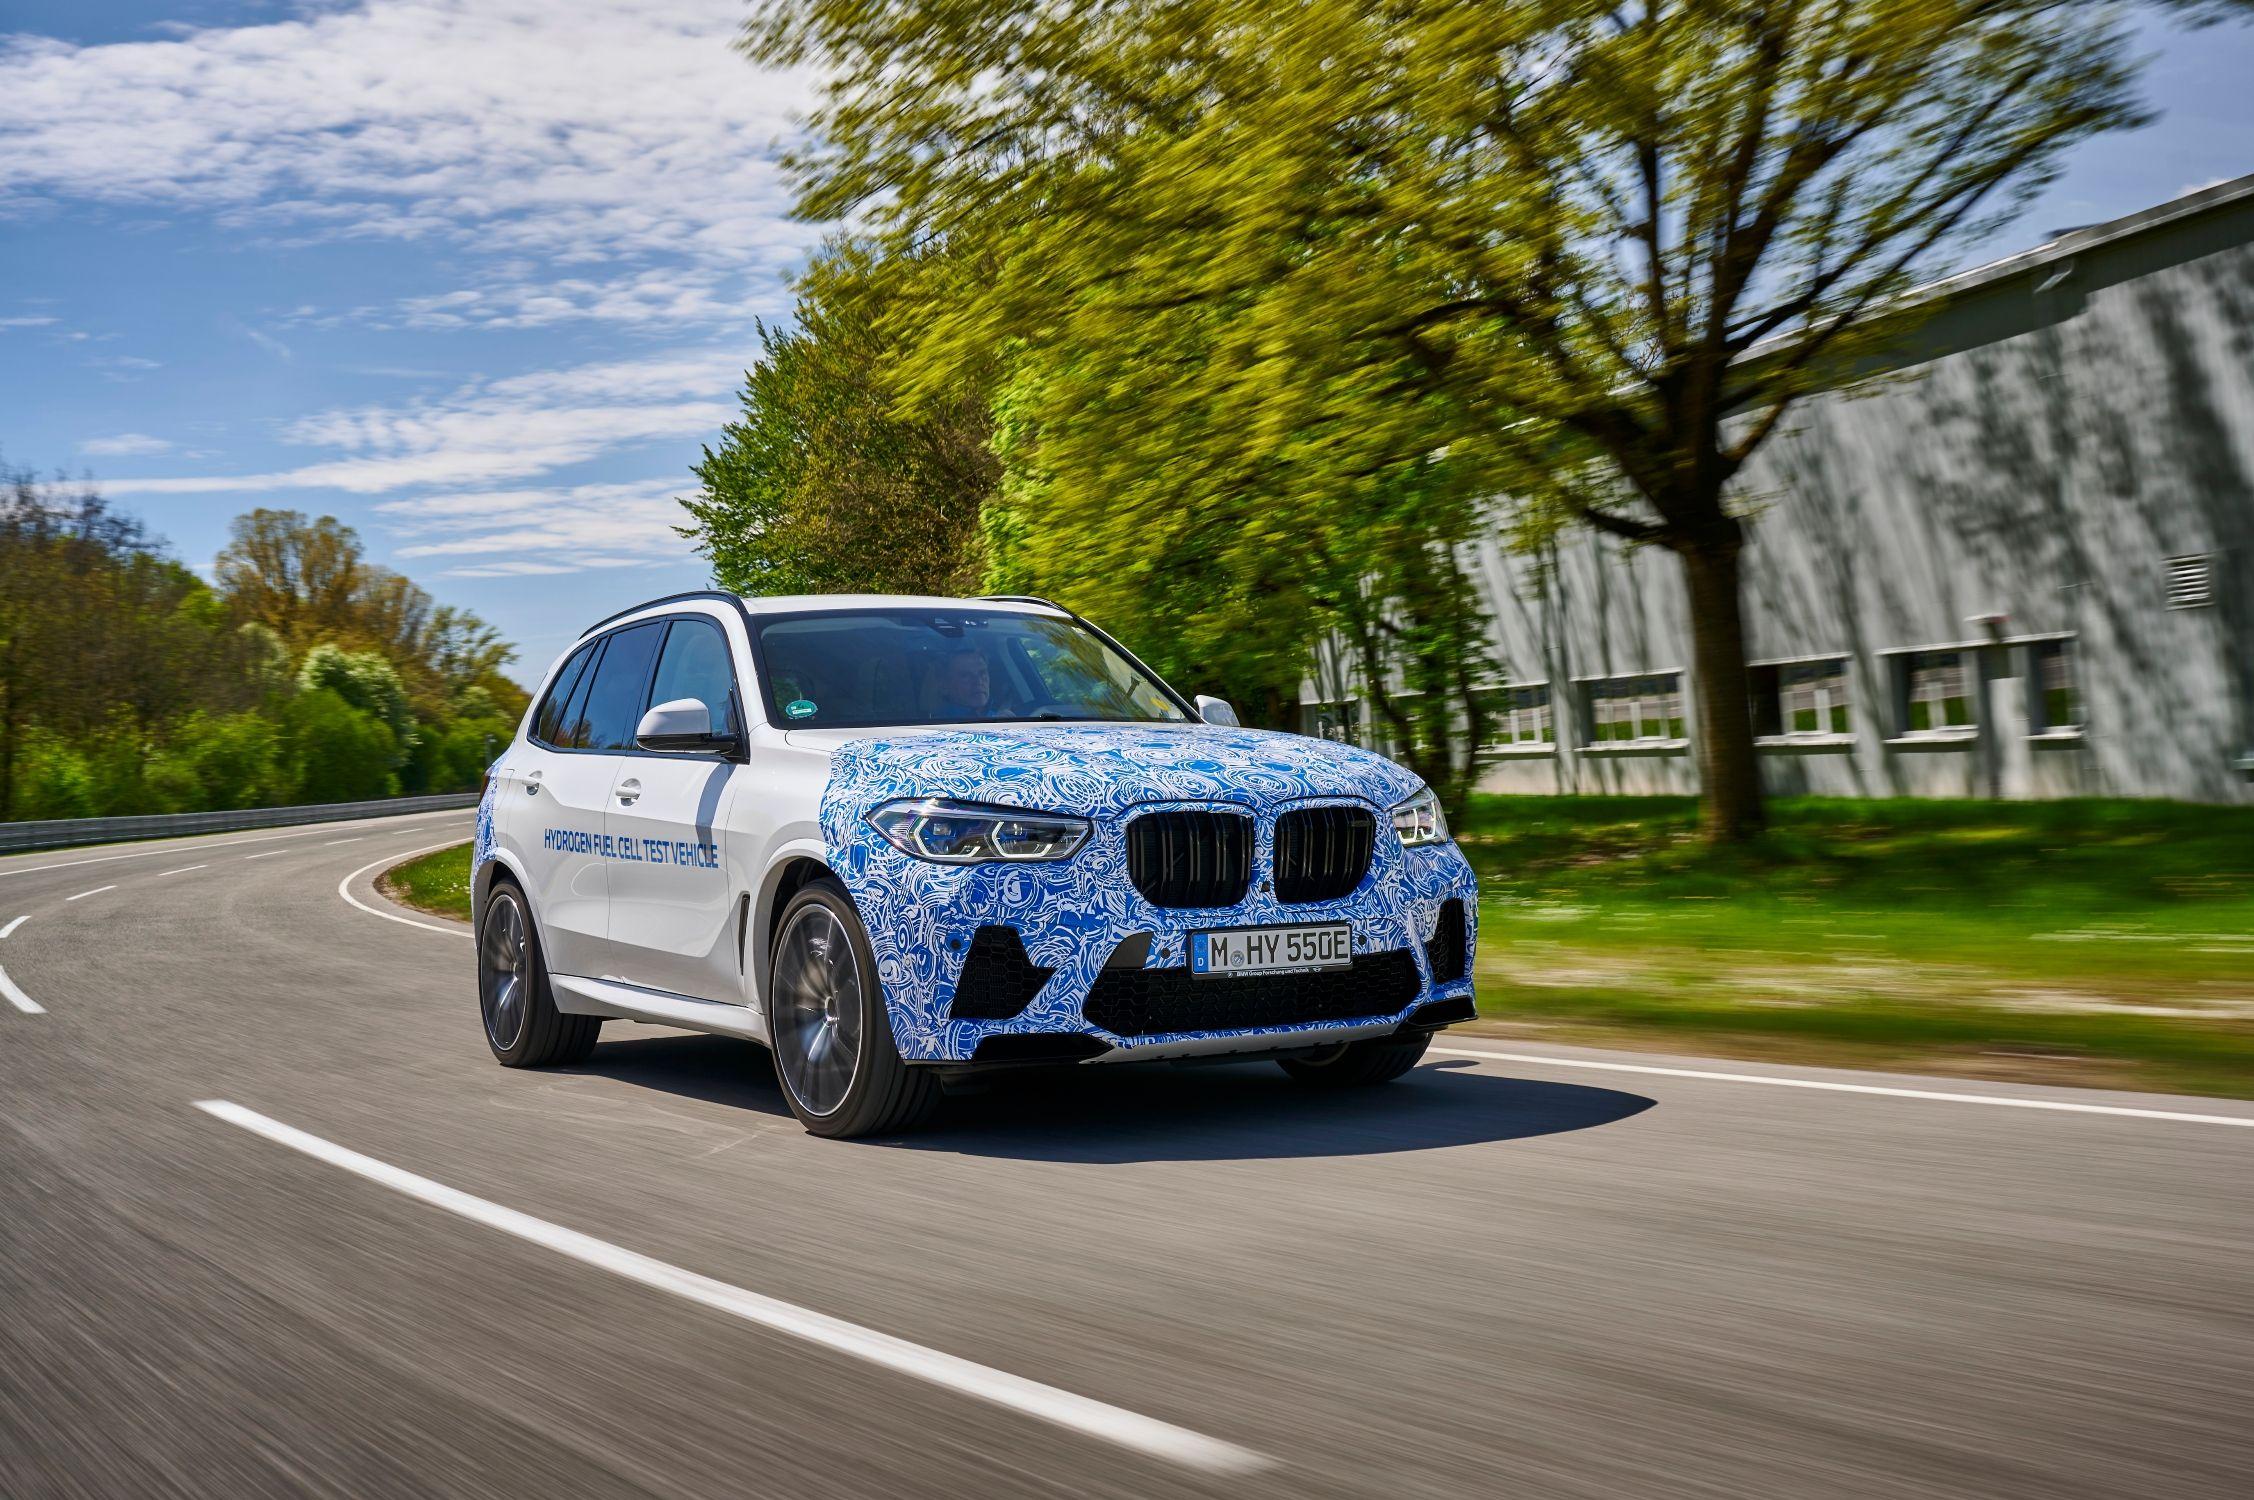 Comienzan las pruebas del BMW i Hydrogen NEXT impulsado por pila de combustible de hidrógeno.